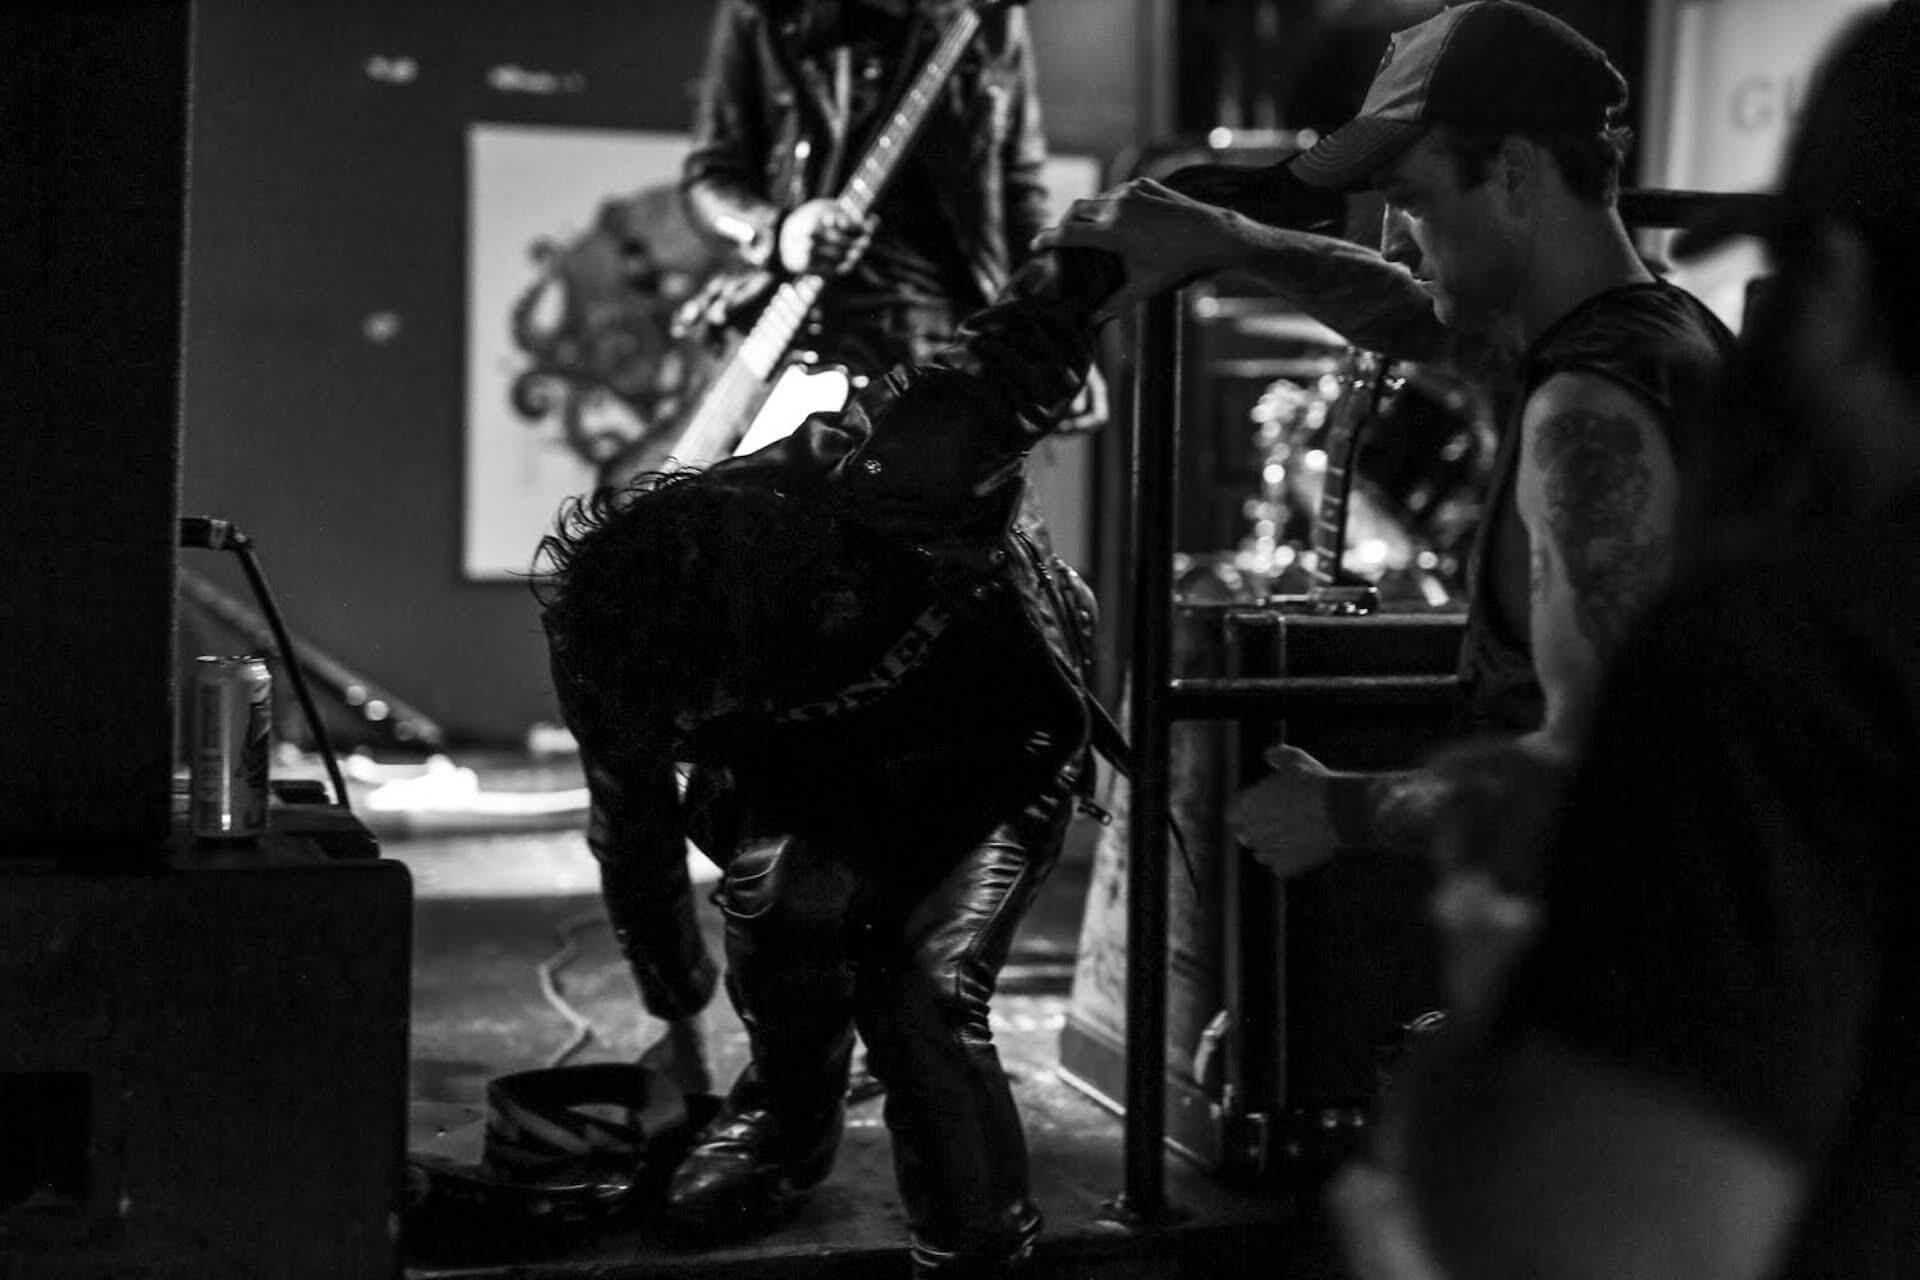 【前編】アメリカに熱狂をもたらす革ジャンの漢たち ギターウルフのアメリカツアー密着レポ column1909-guiterwolf-12